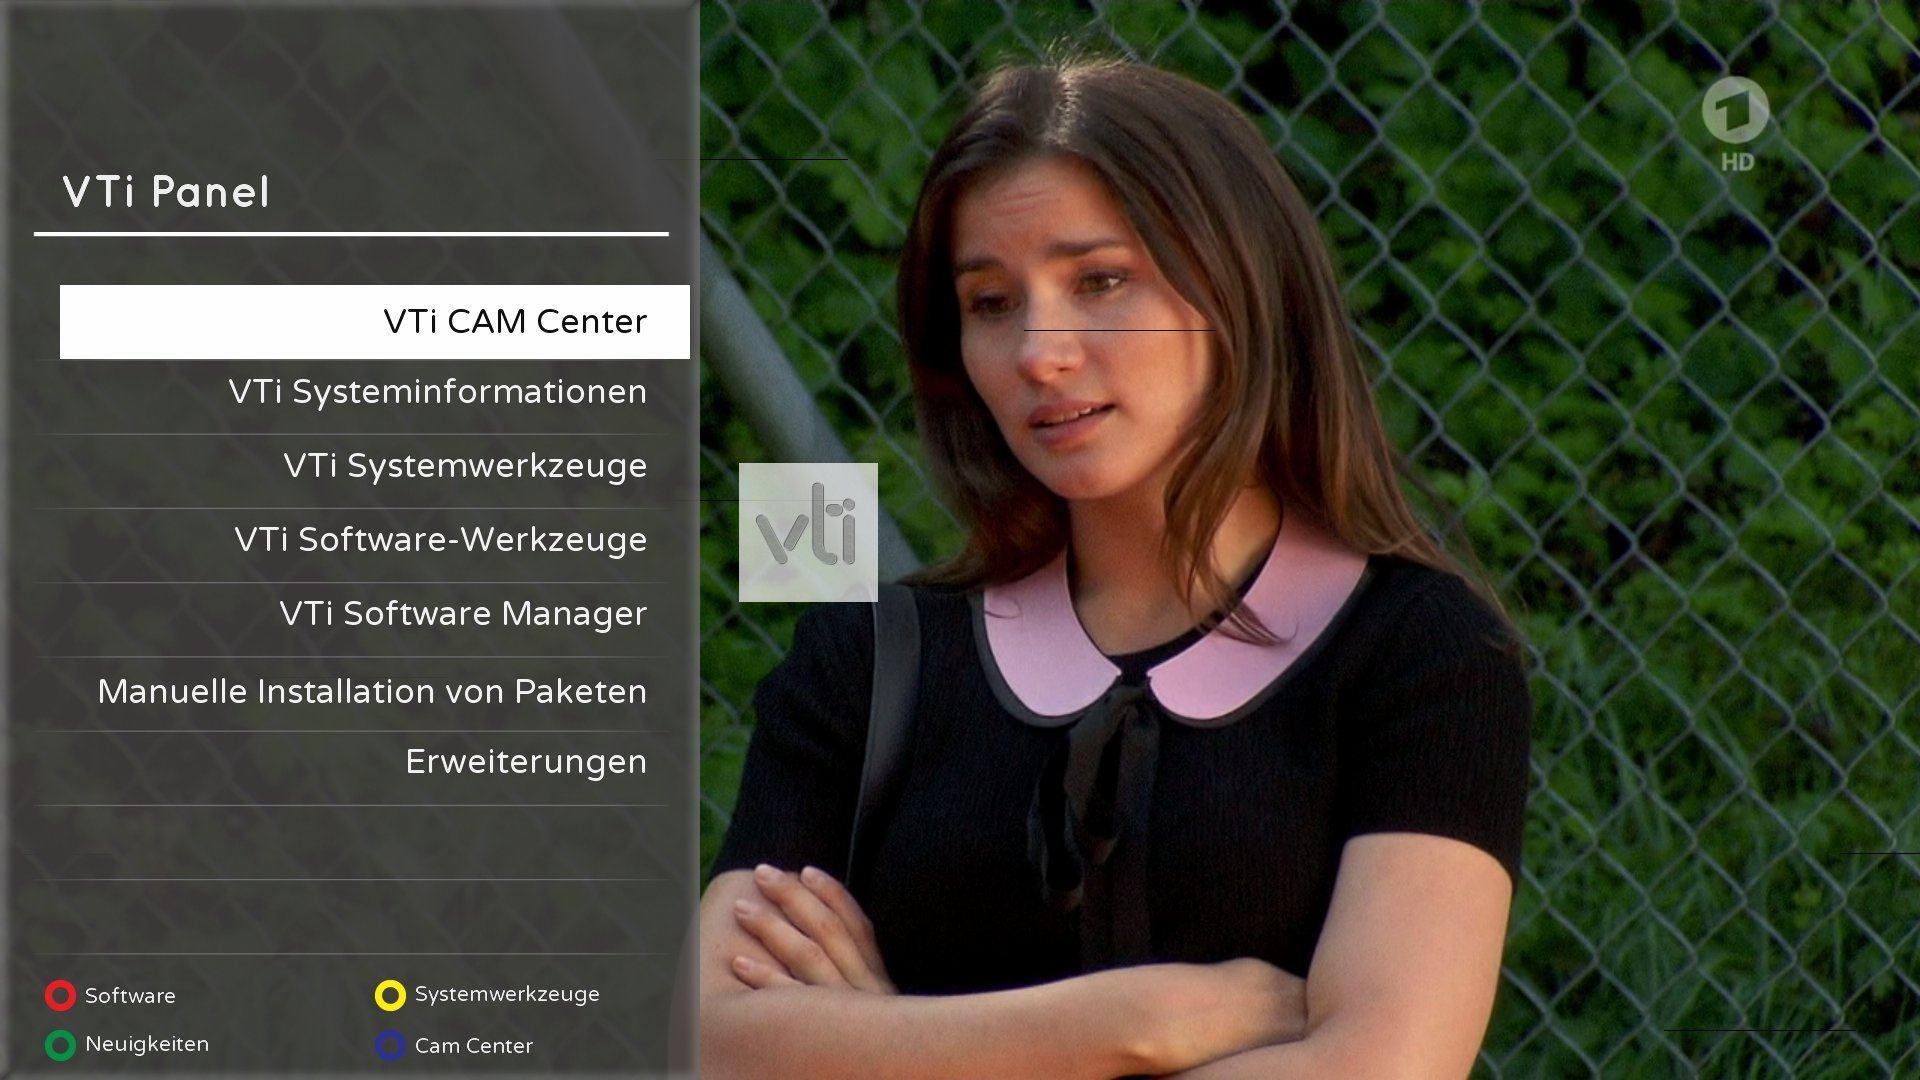 VTi 11.0 Image passend zum Start der VU+ Uno 4K erschienen 28